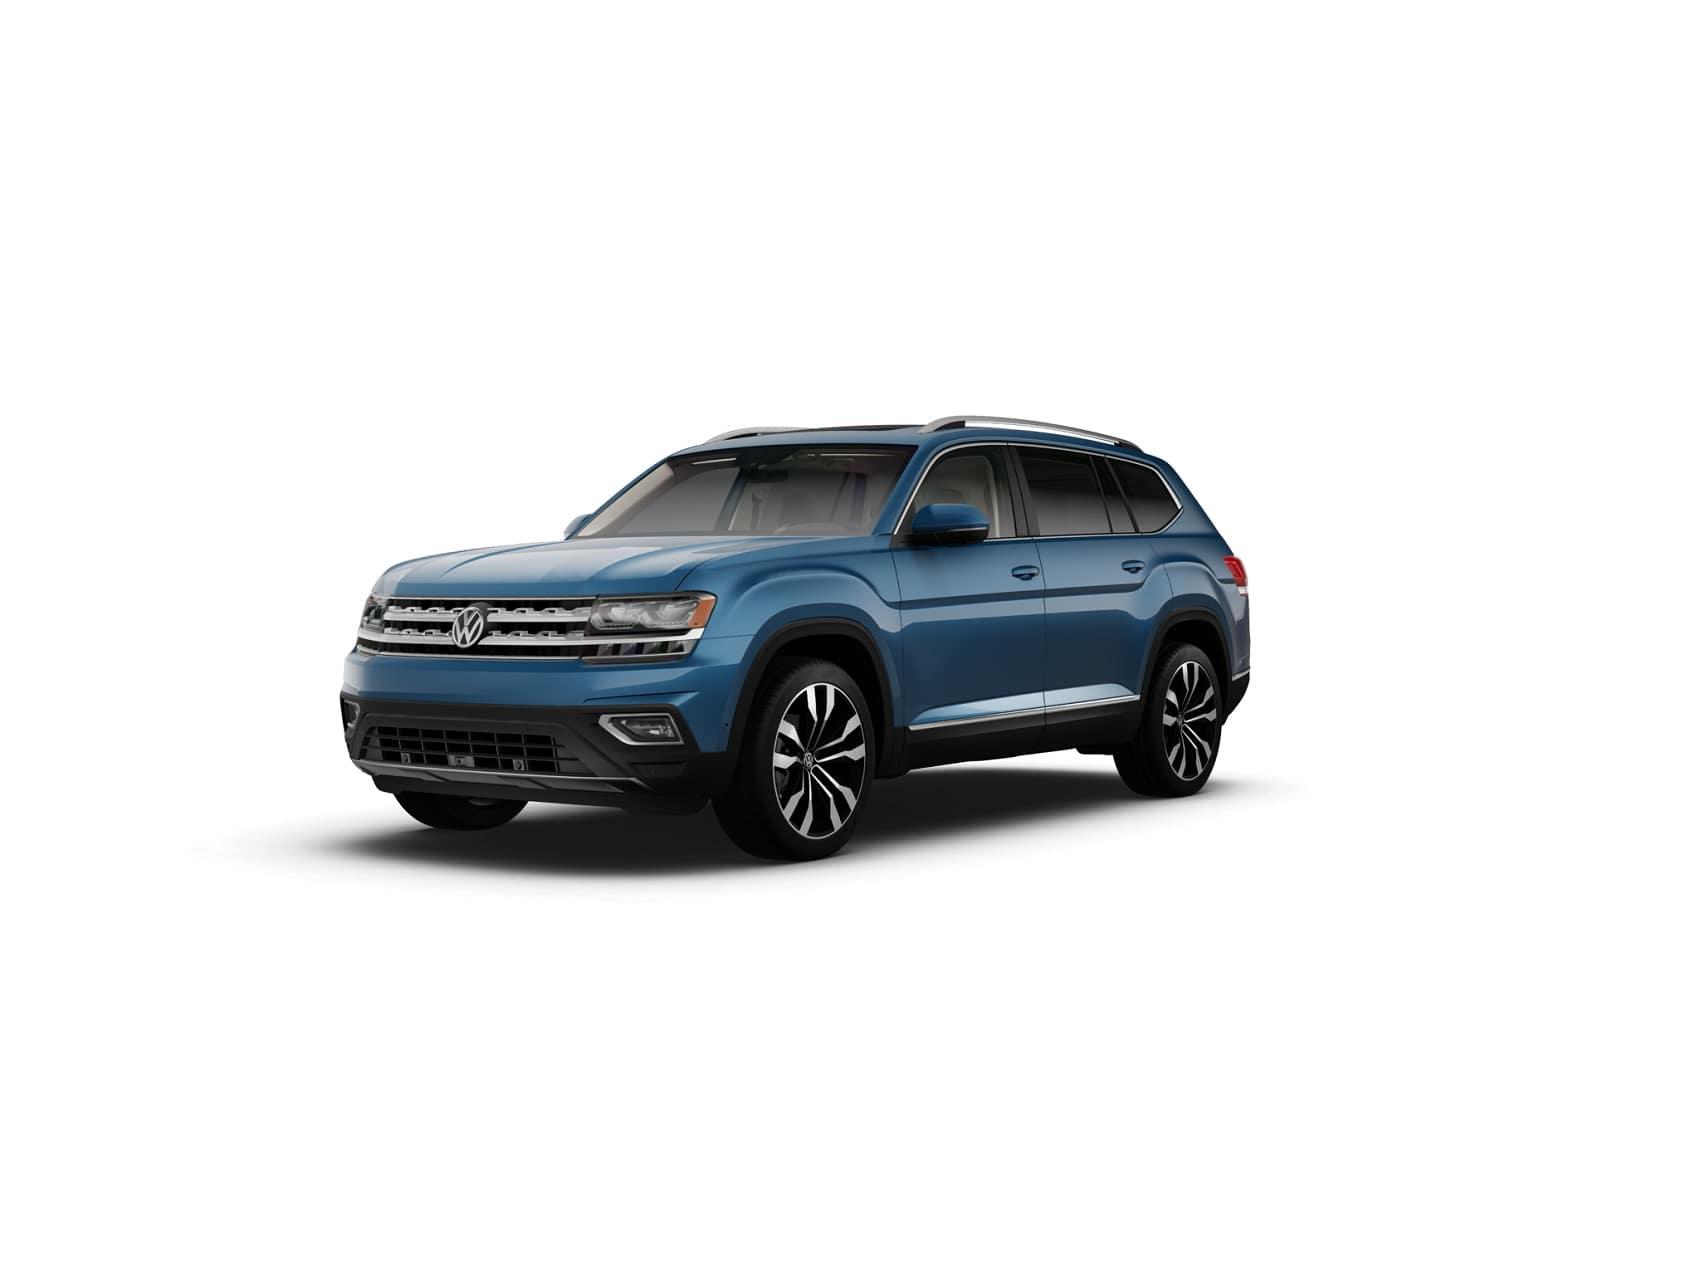 Volkswagen Atlas Trim Levels Faulkner Volkswagen Mechanicsburg Pa